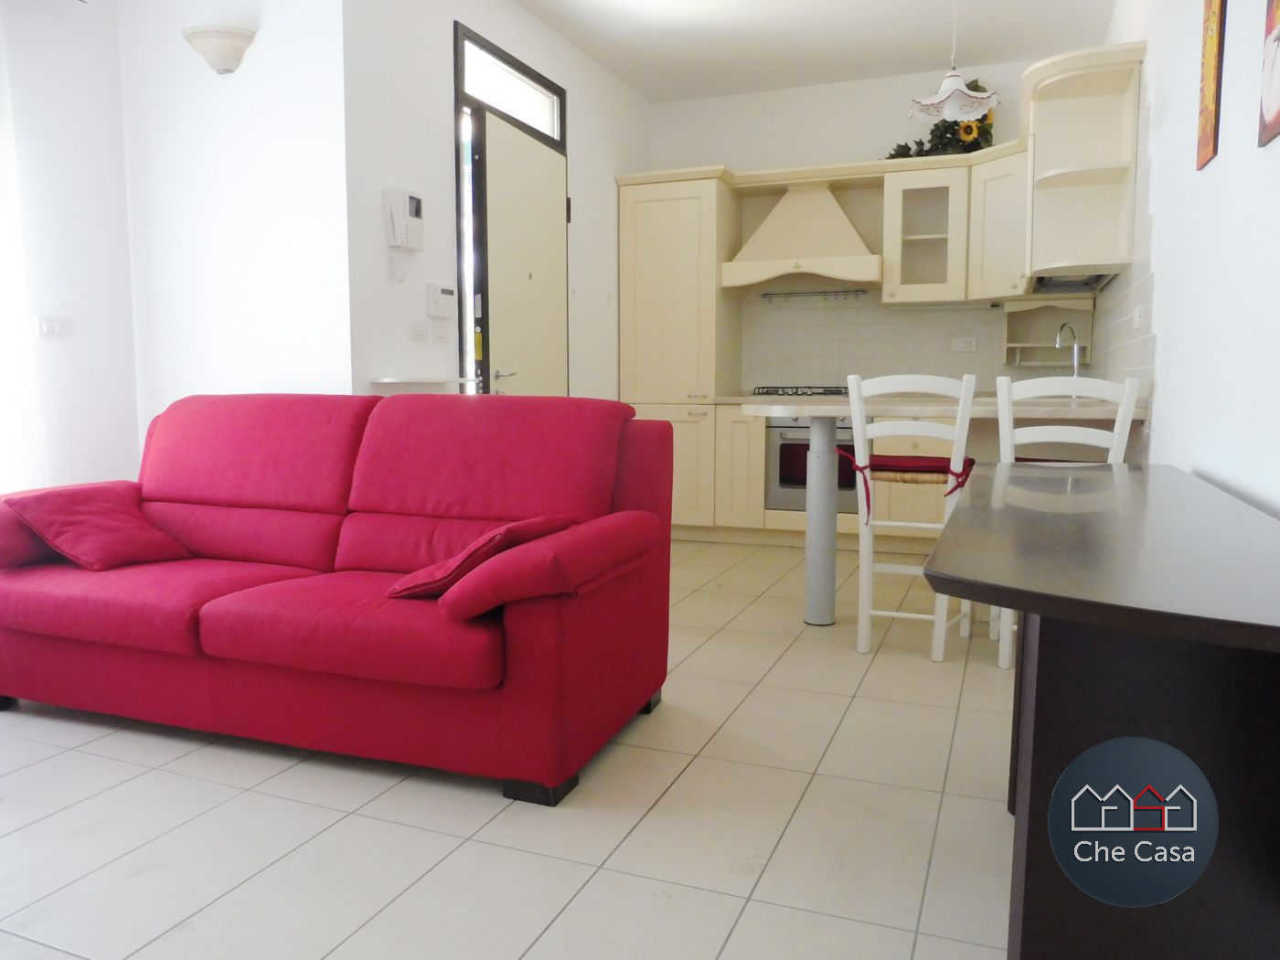 Appartamento - Bilocale a Ponte Pietra, Cesena